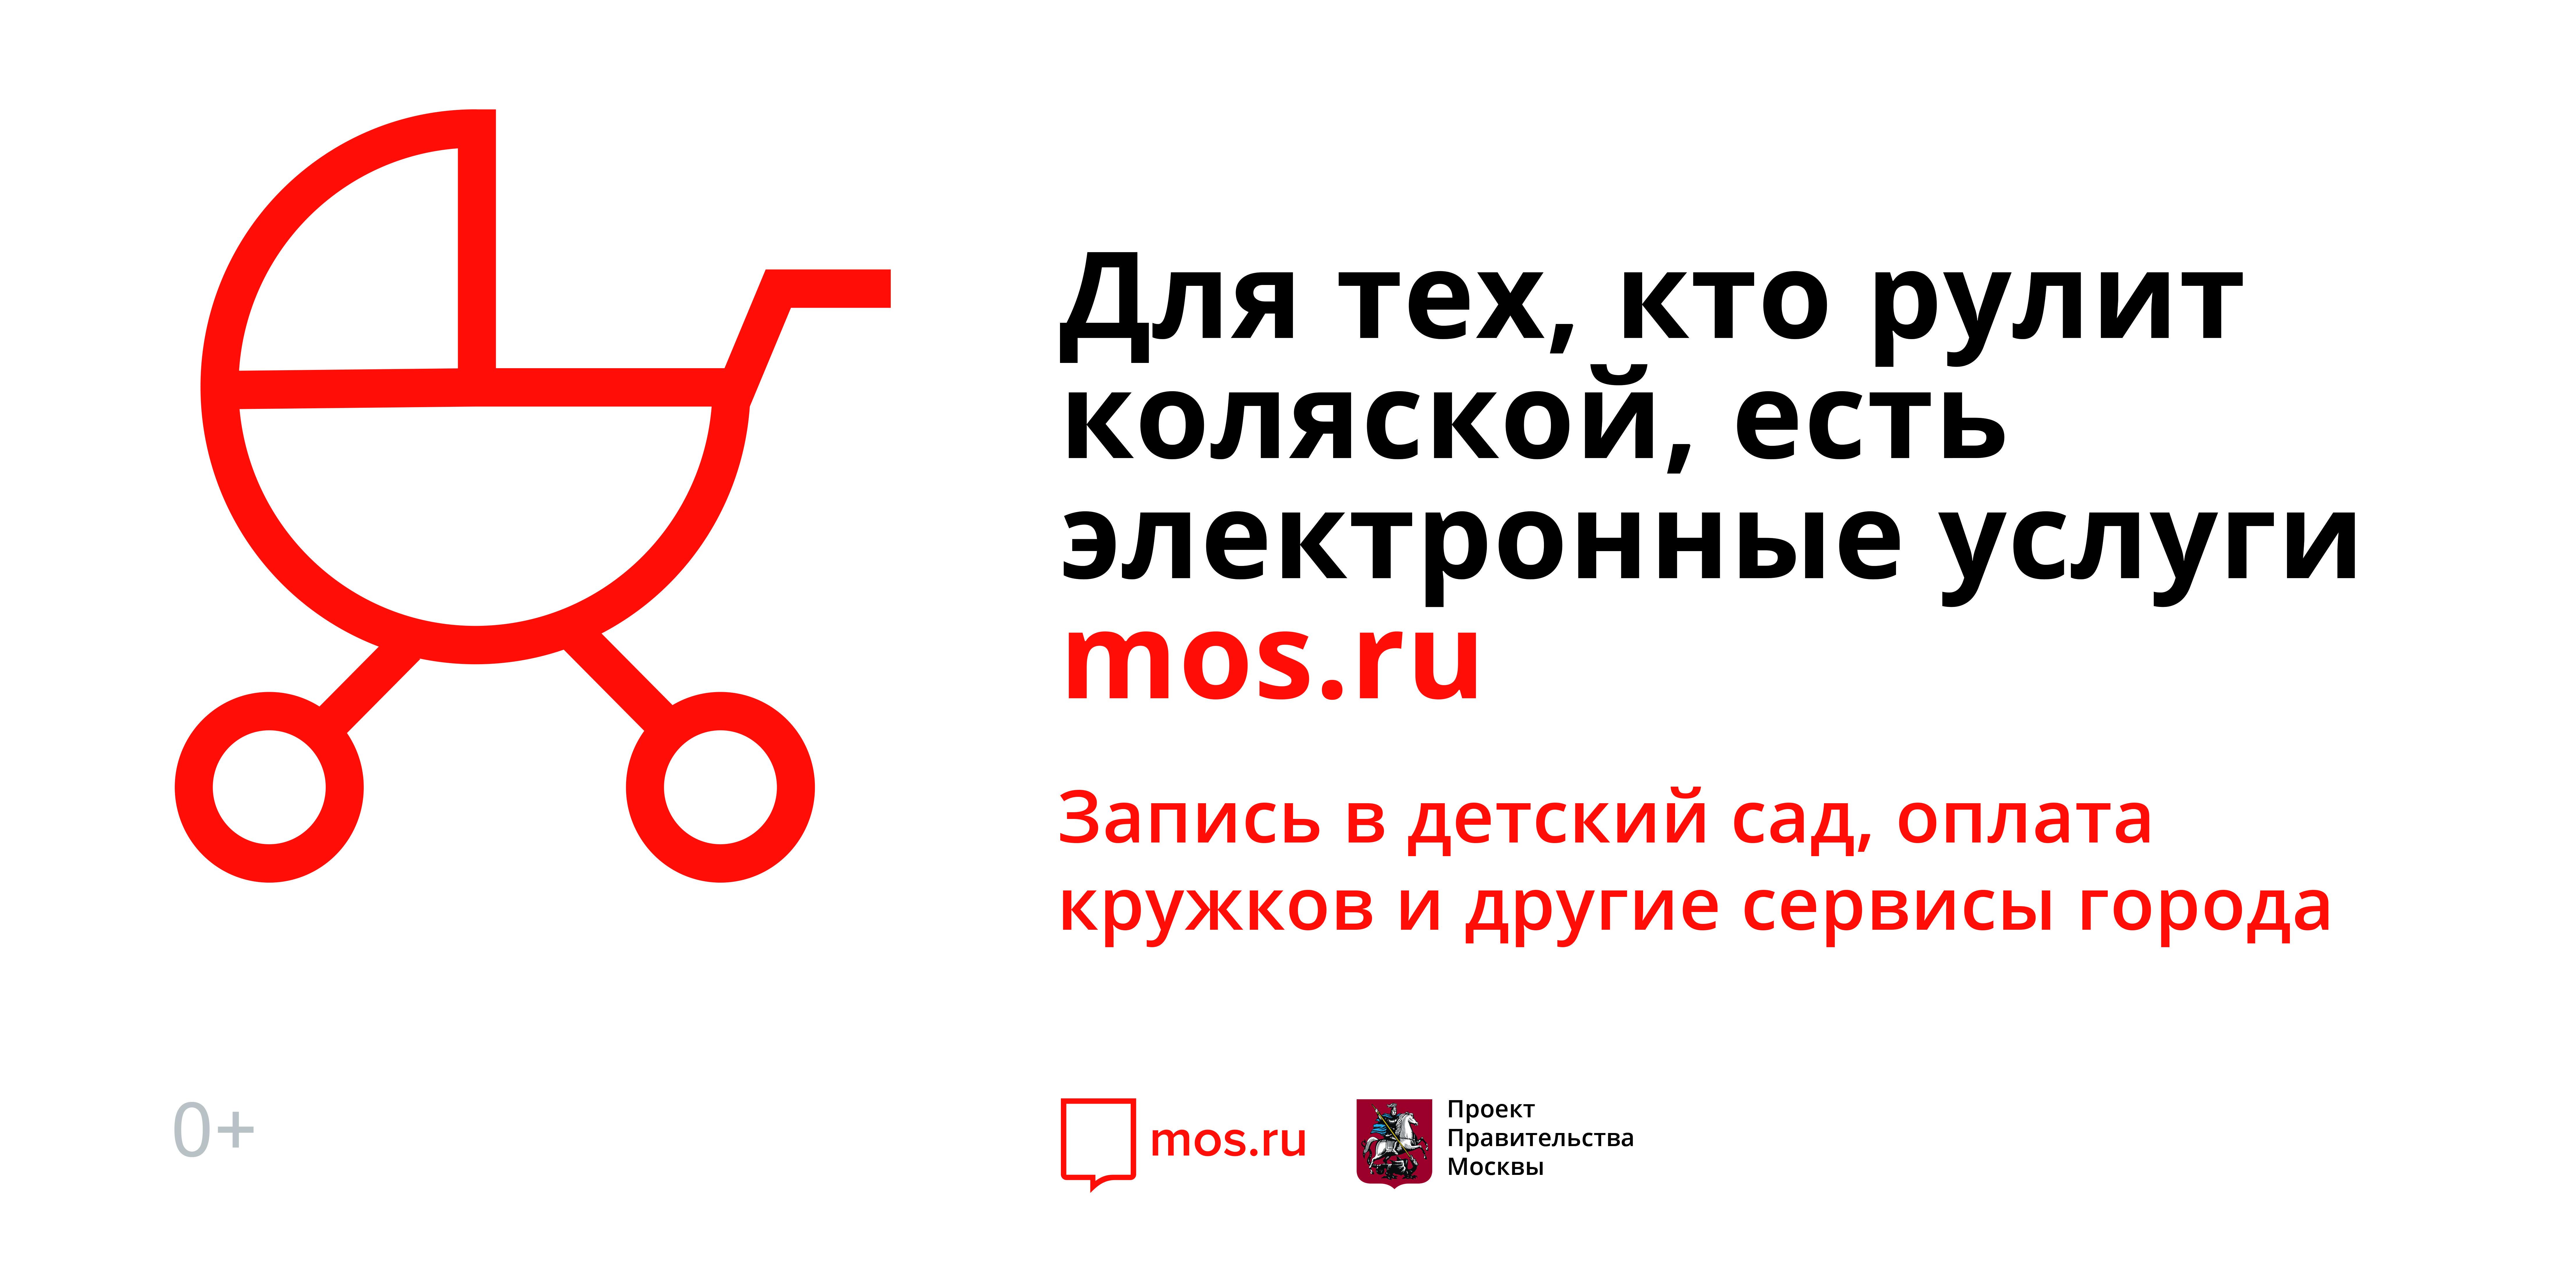 Благодаря порталу mos.ru родители экономят время на получении государственных услуг